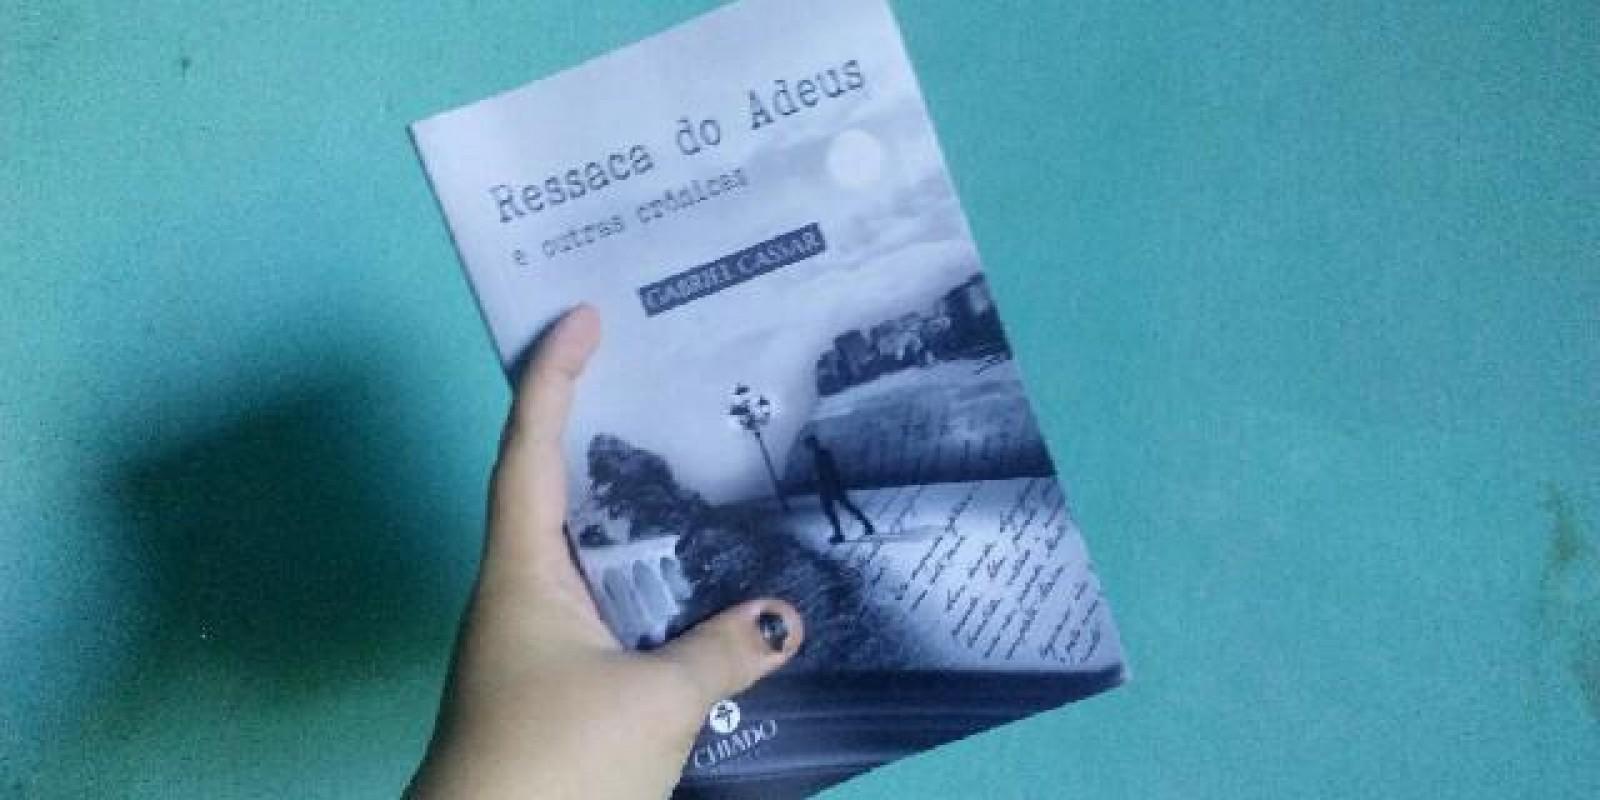 [Ressaca do Adeus e outras cronicas - Gabriel Cassar]